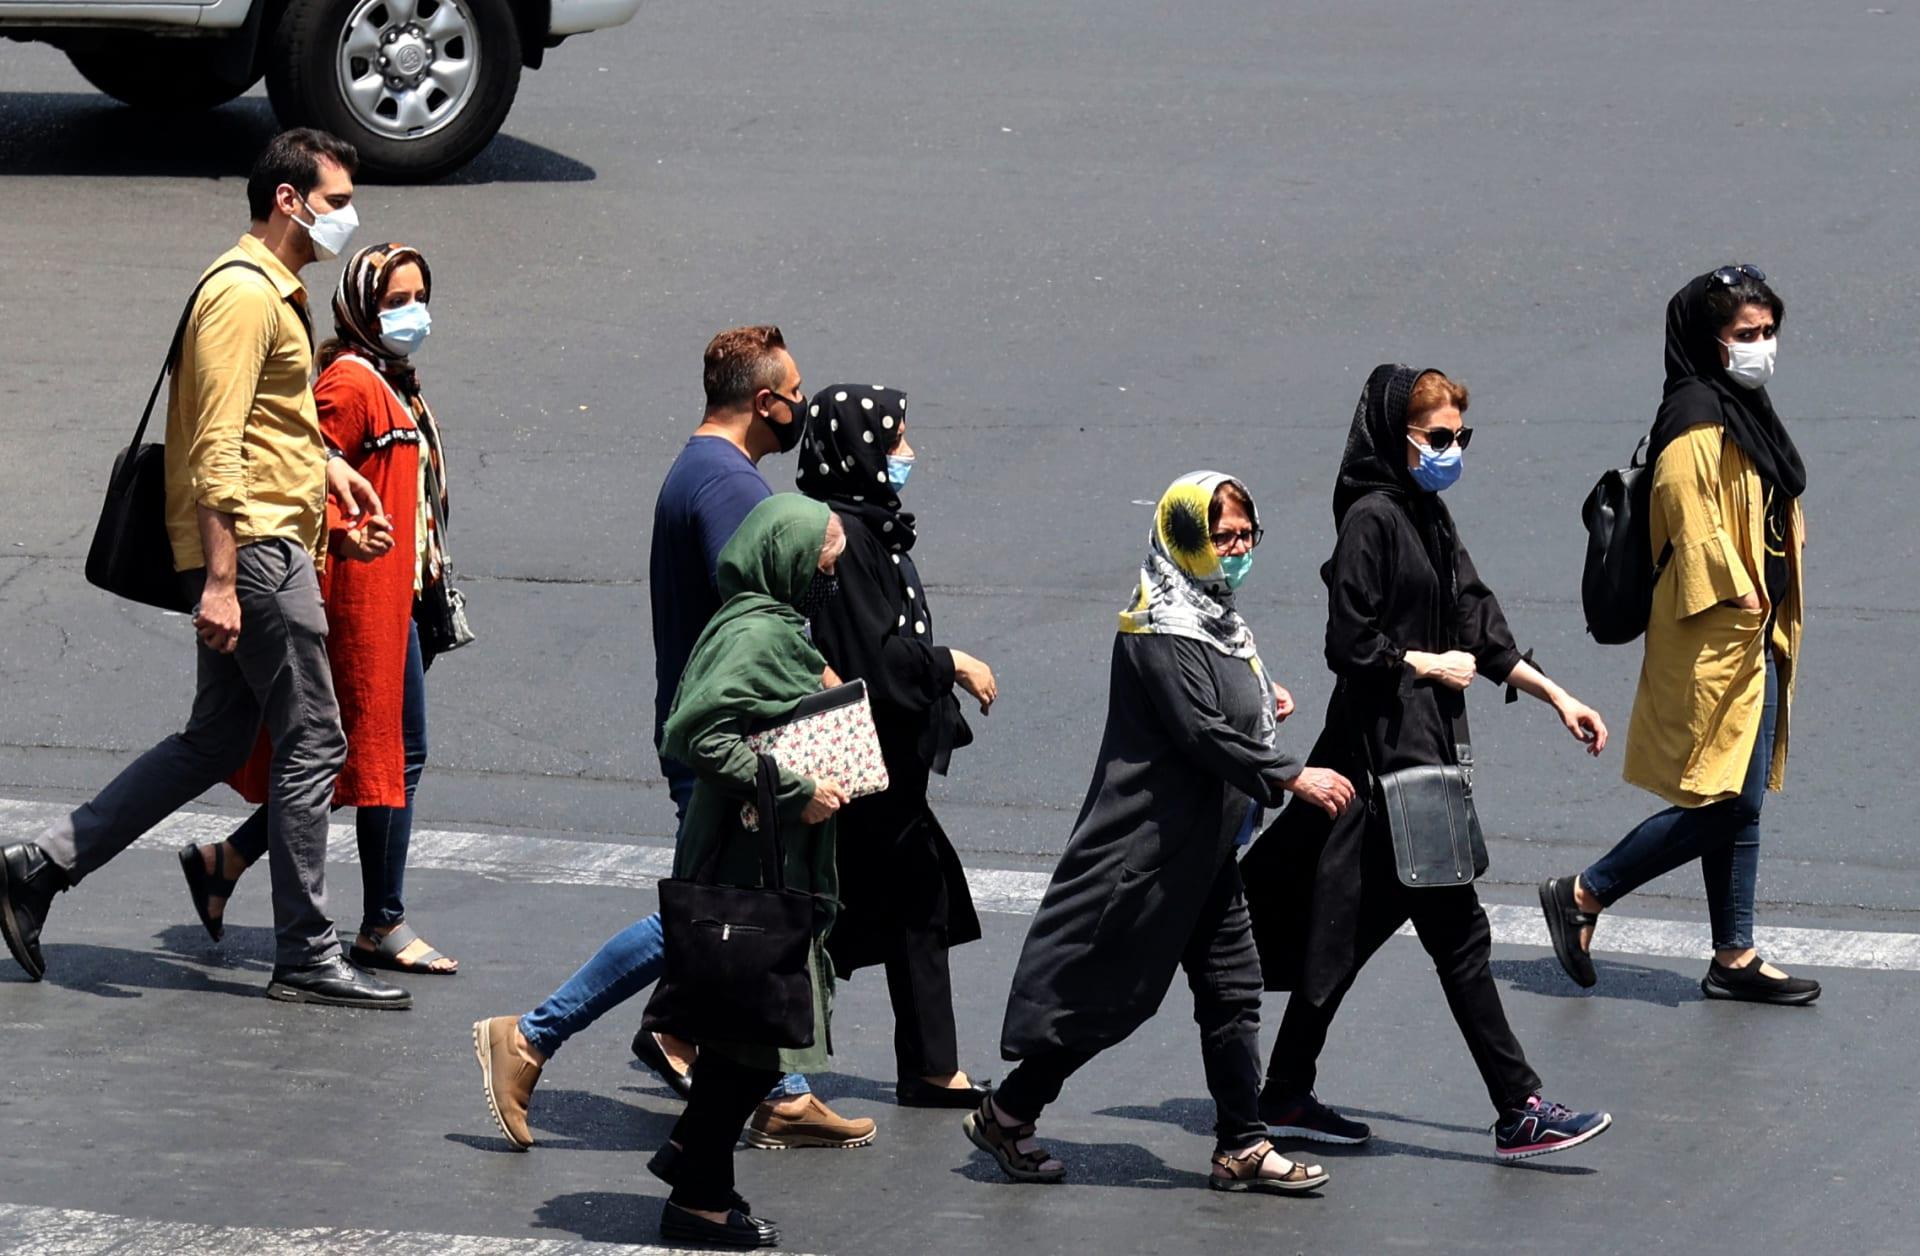 إيرانيون يرتدون أقنعة بسبب جائحة كورونا يعبرون شارعًا في العاصمة طهران، في 3 يوليو 2021.